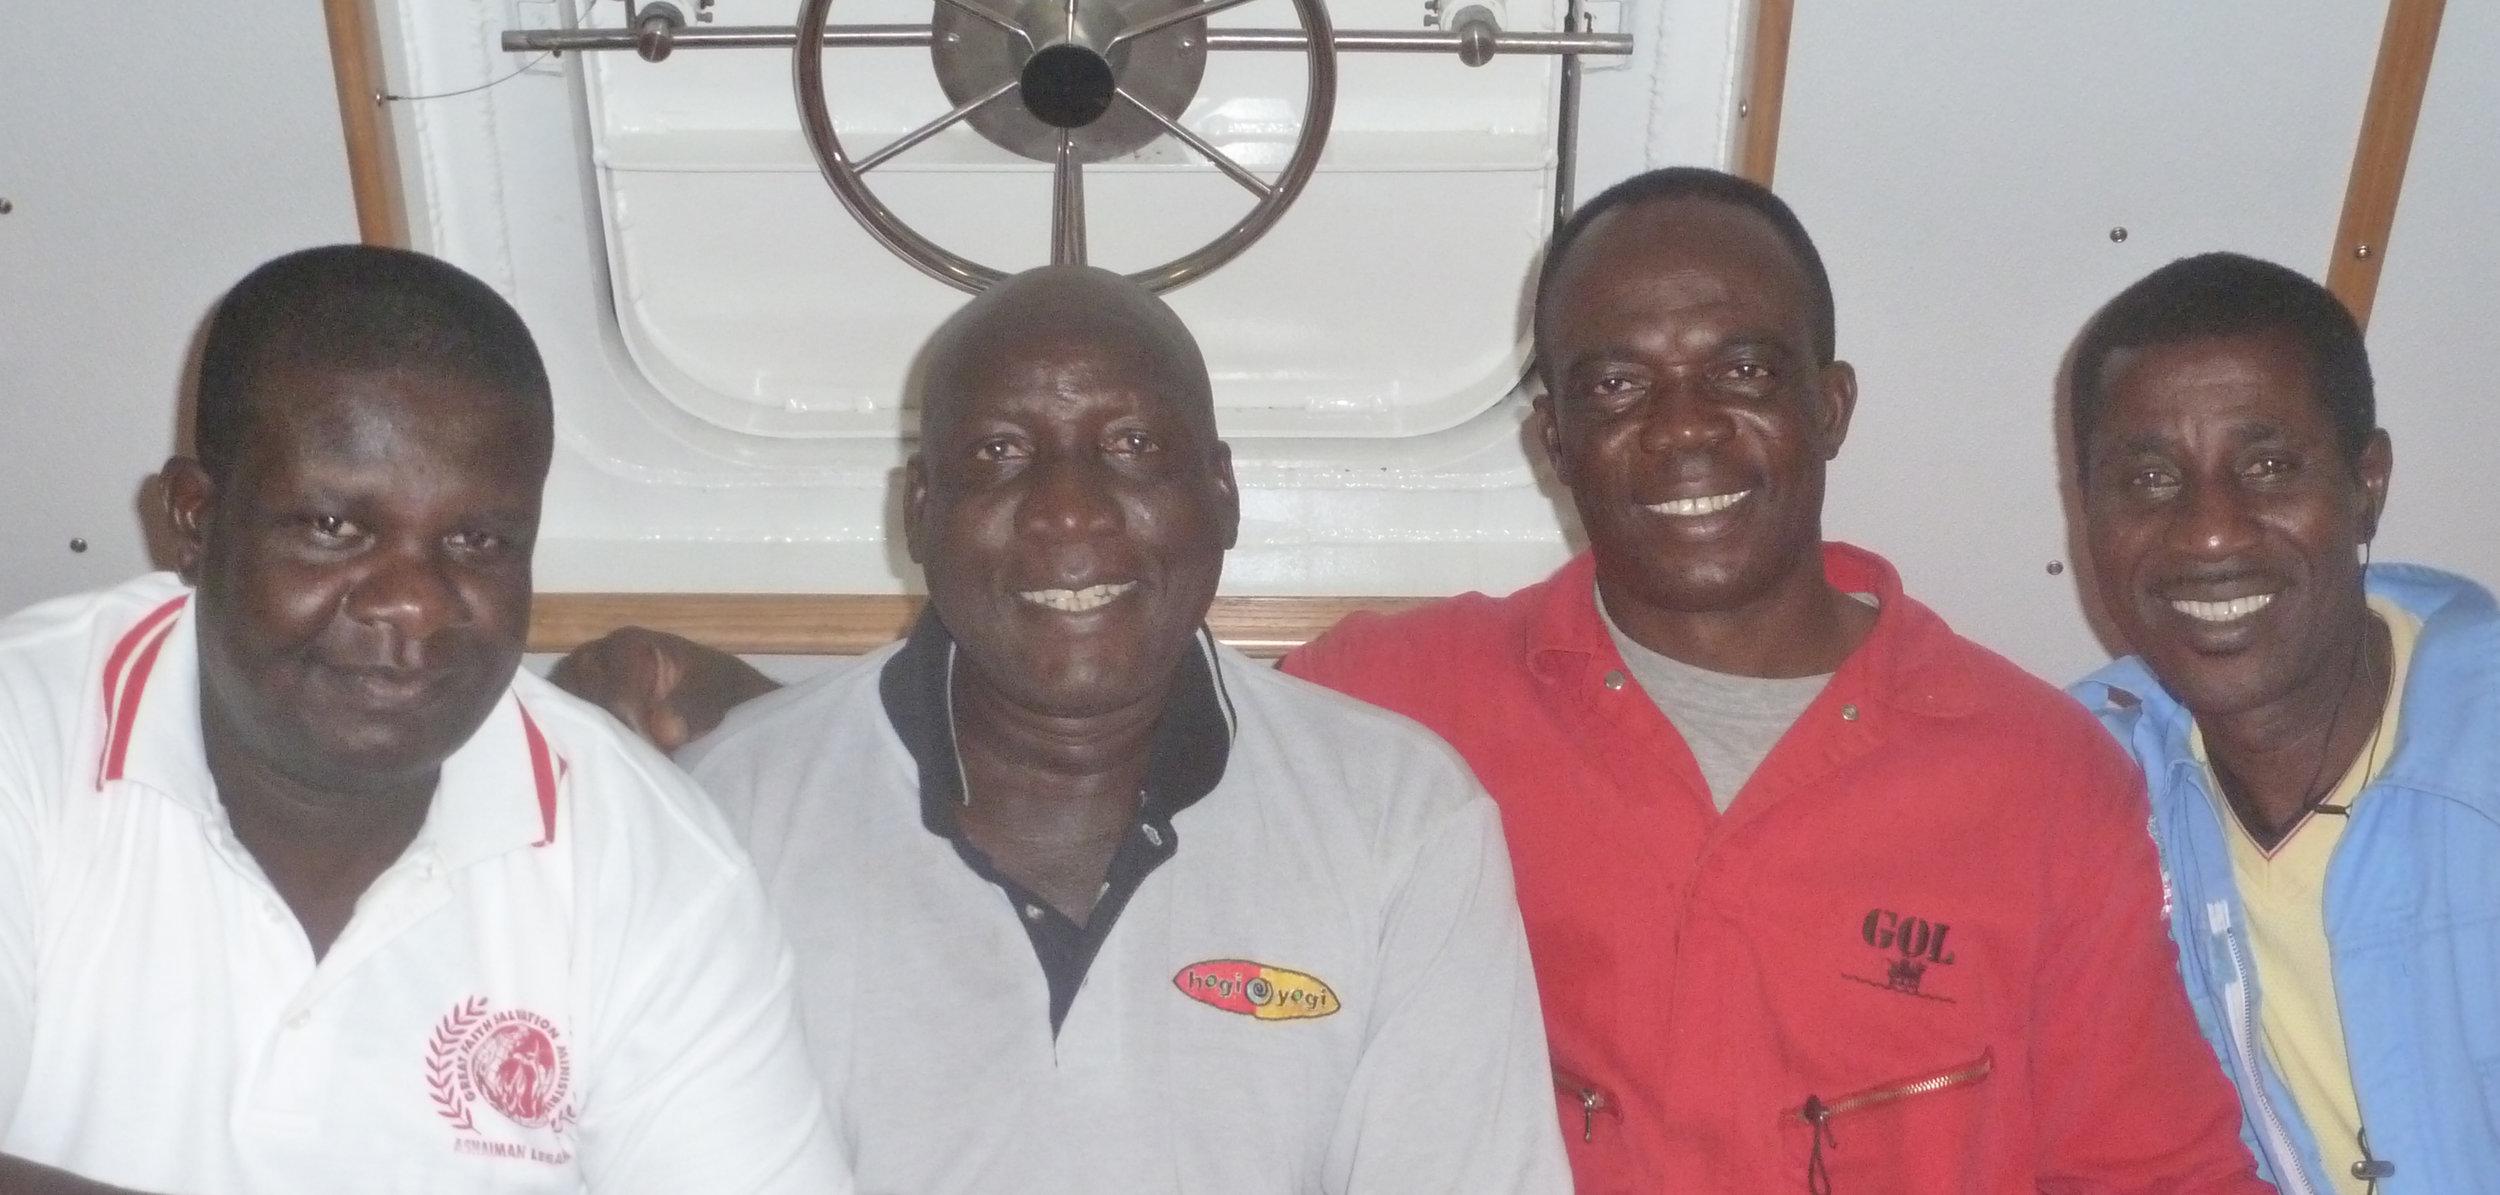 Crew members.jpg